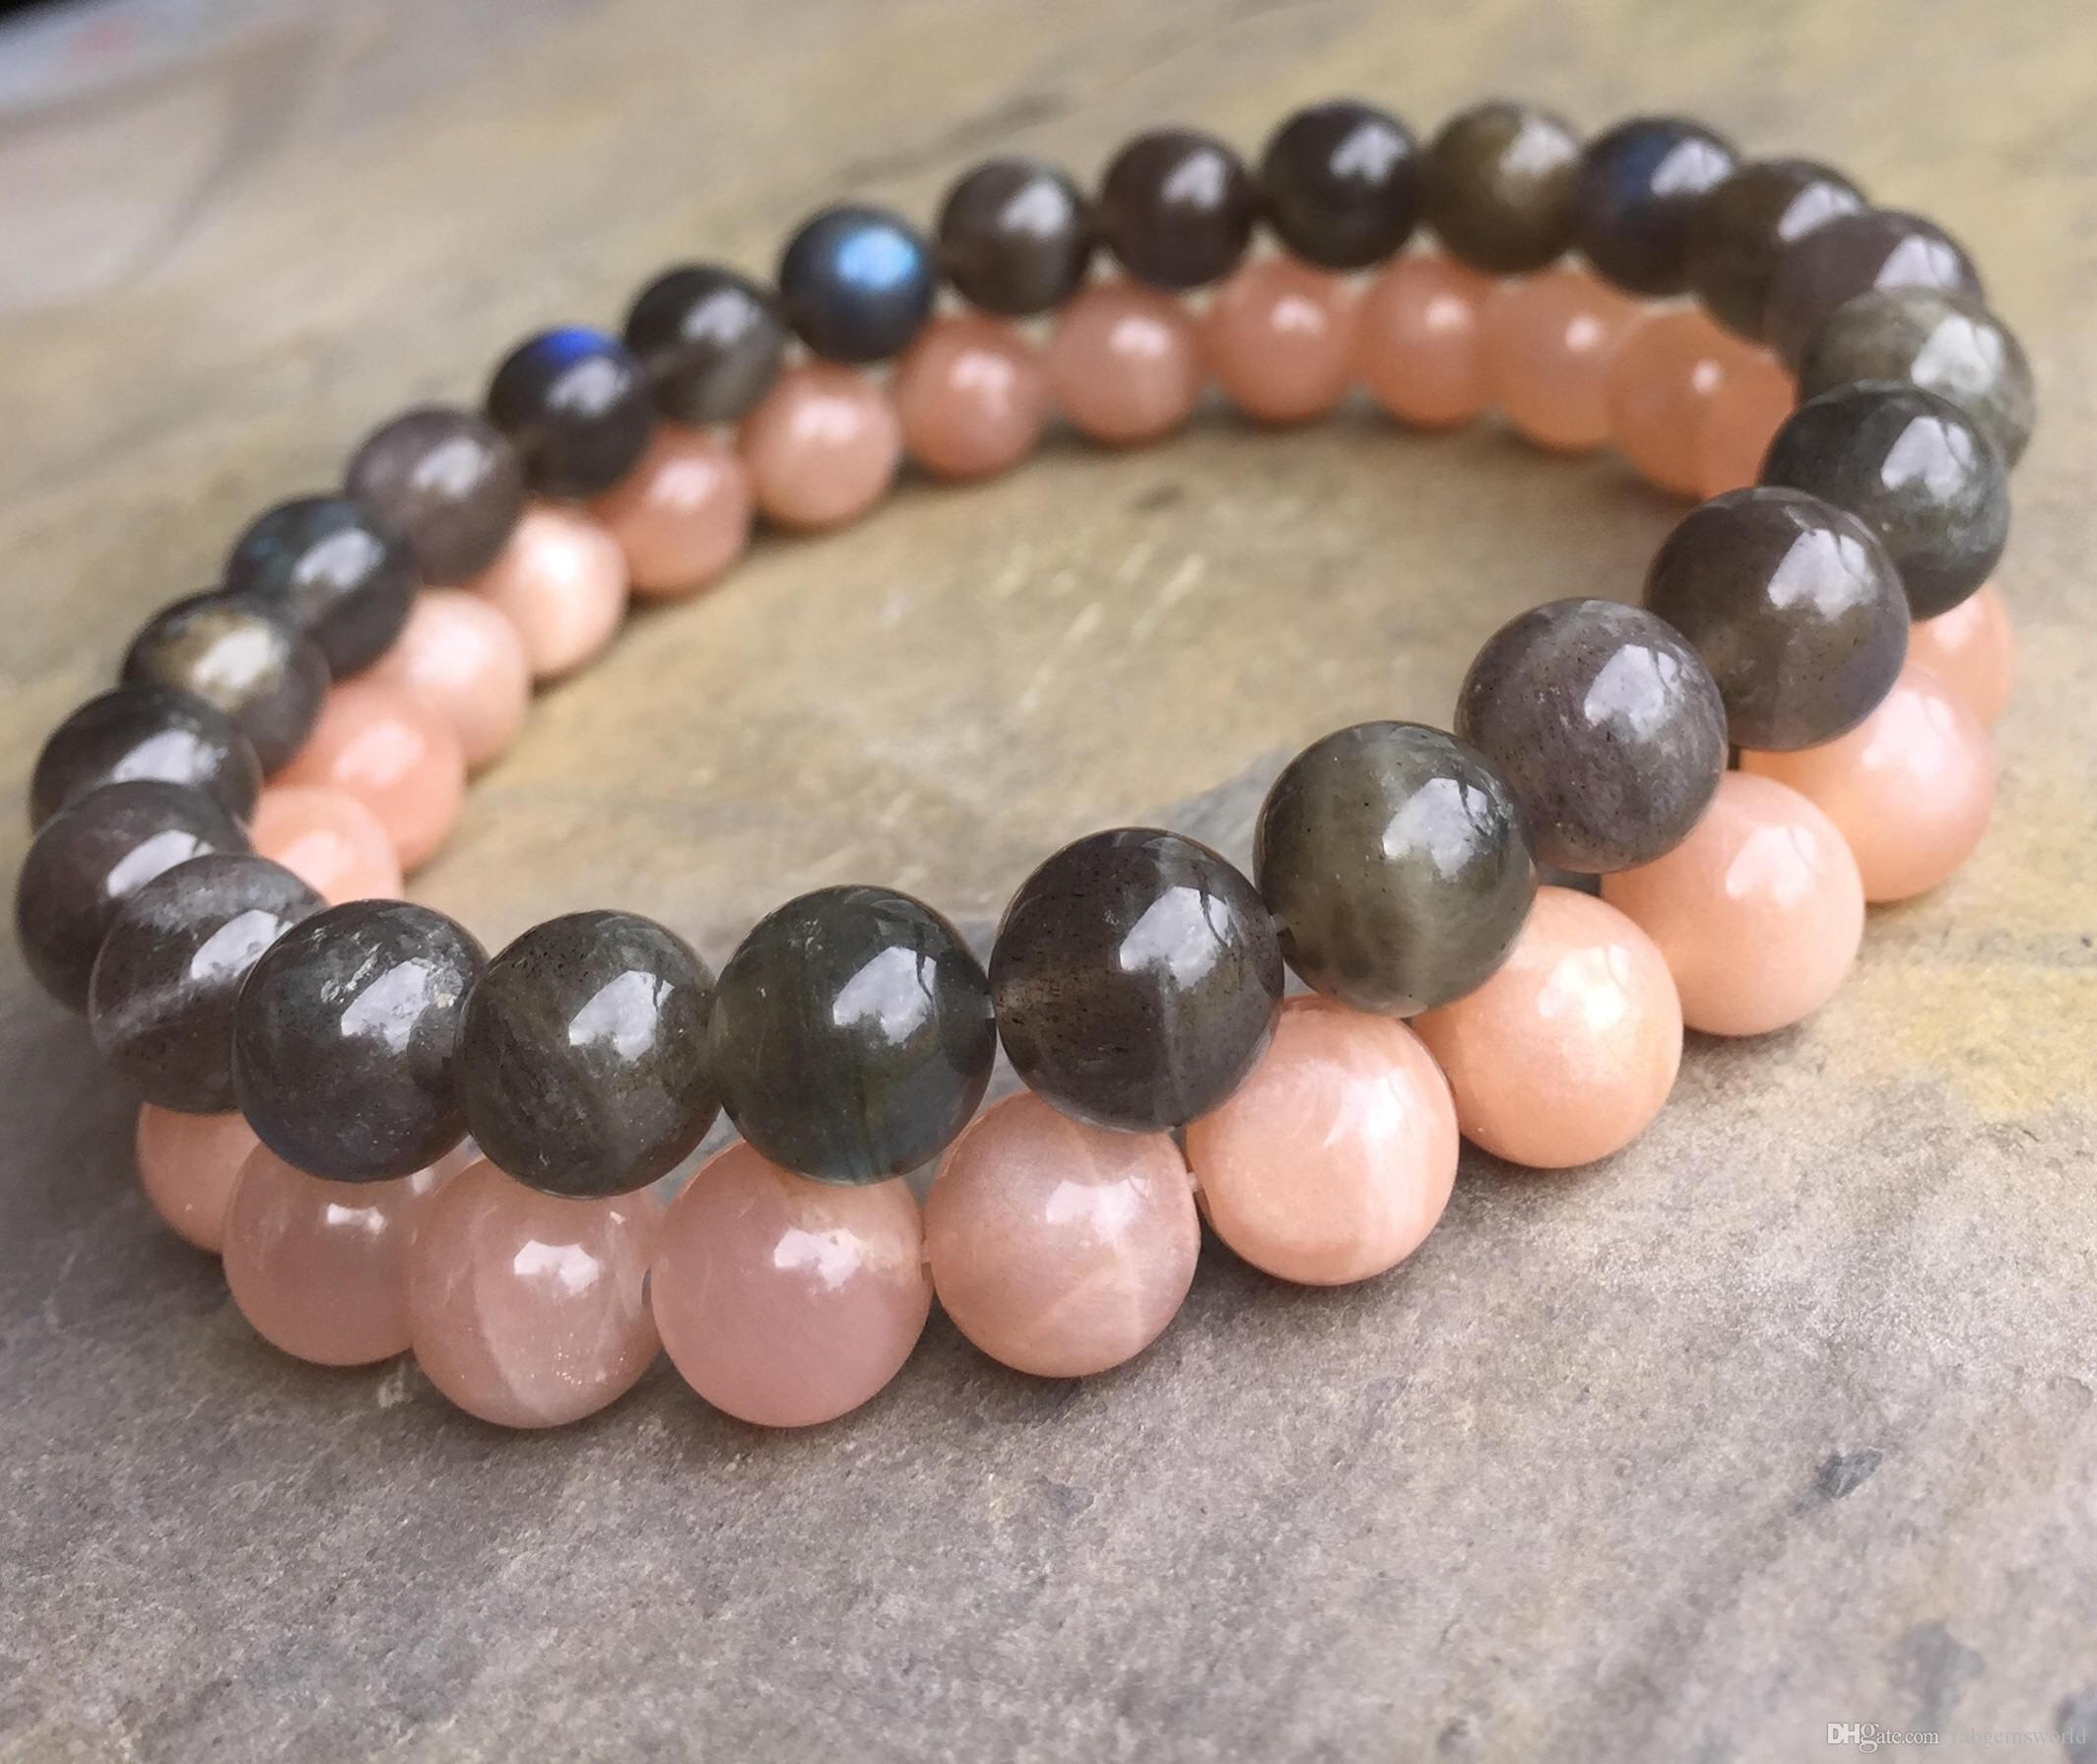 8mm Labradorit Armband, 8mm Sonnenstein Armband, Edelstein Perlen Armband  elastischen Edelstein Armband, Geschenke 79199b0746